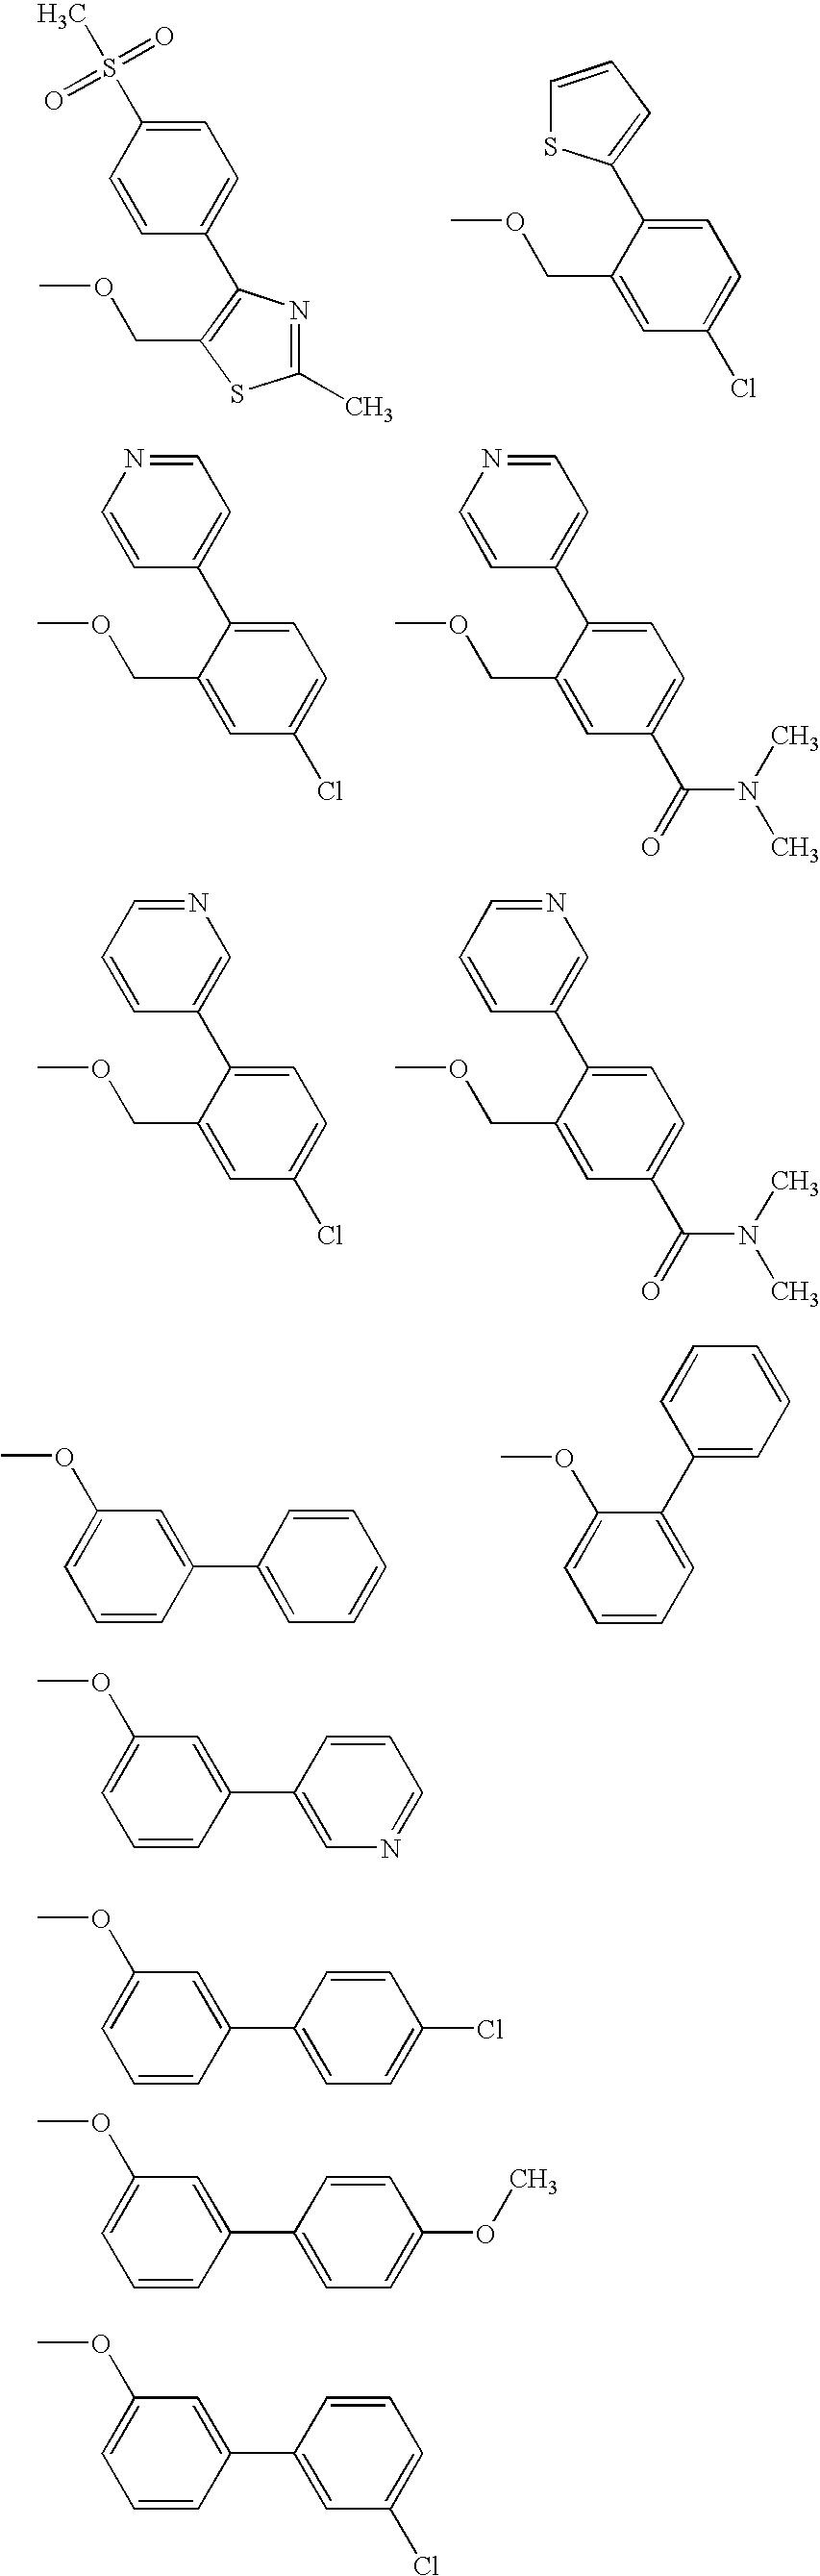 Figure US20070049593A1-20070301-C00237